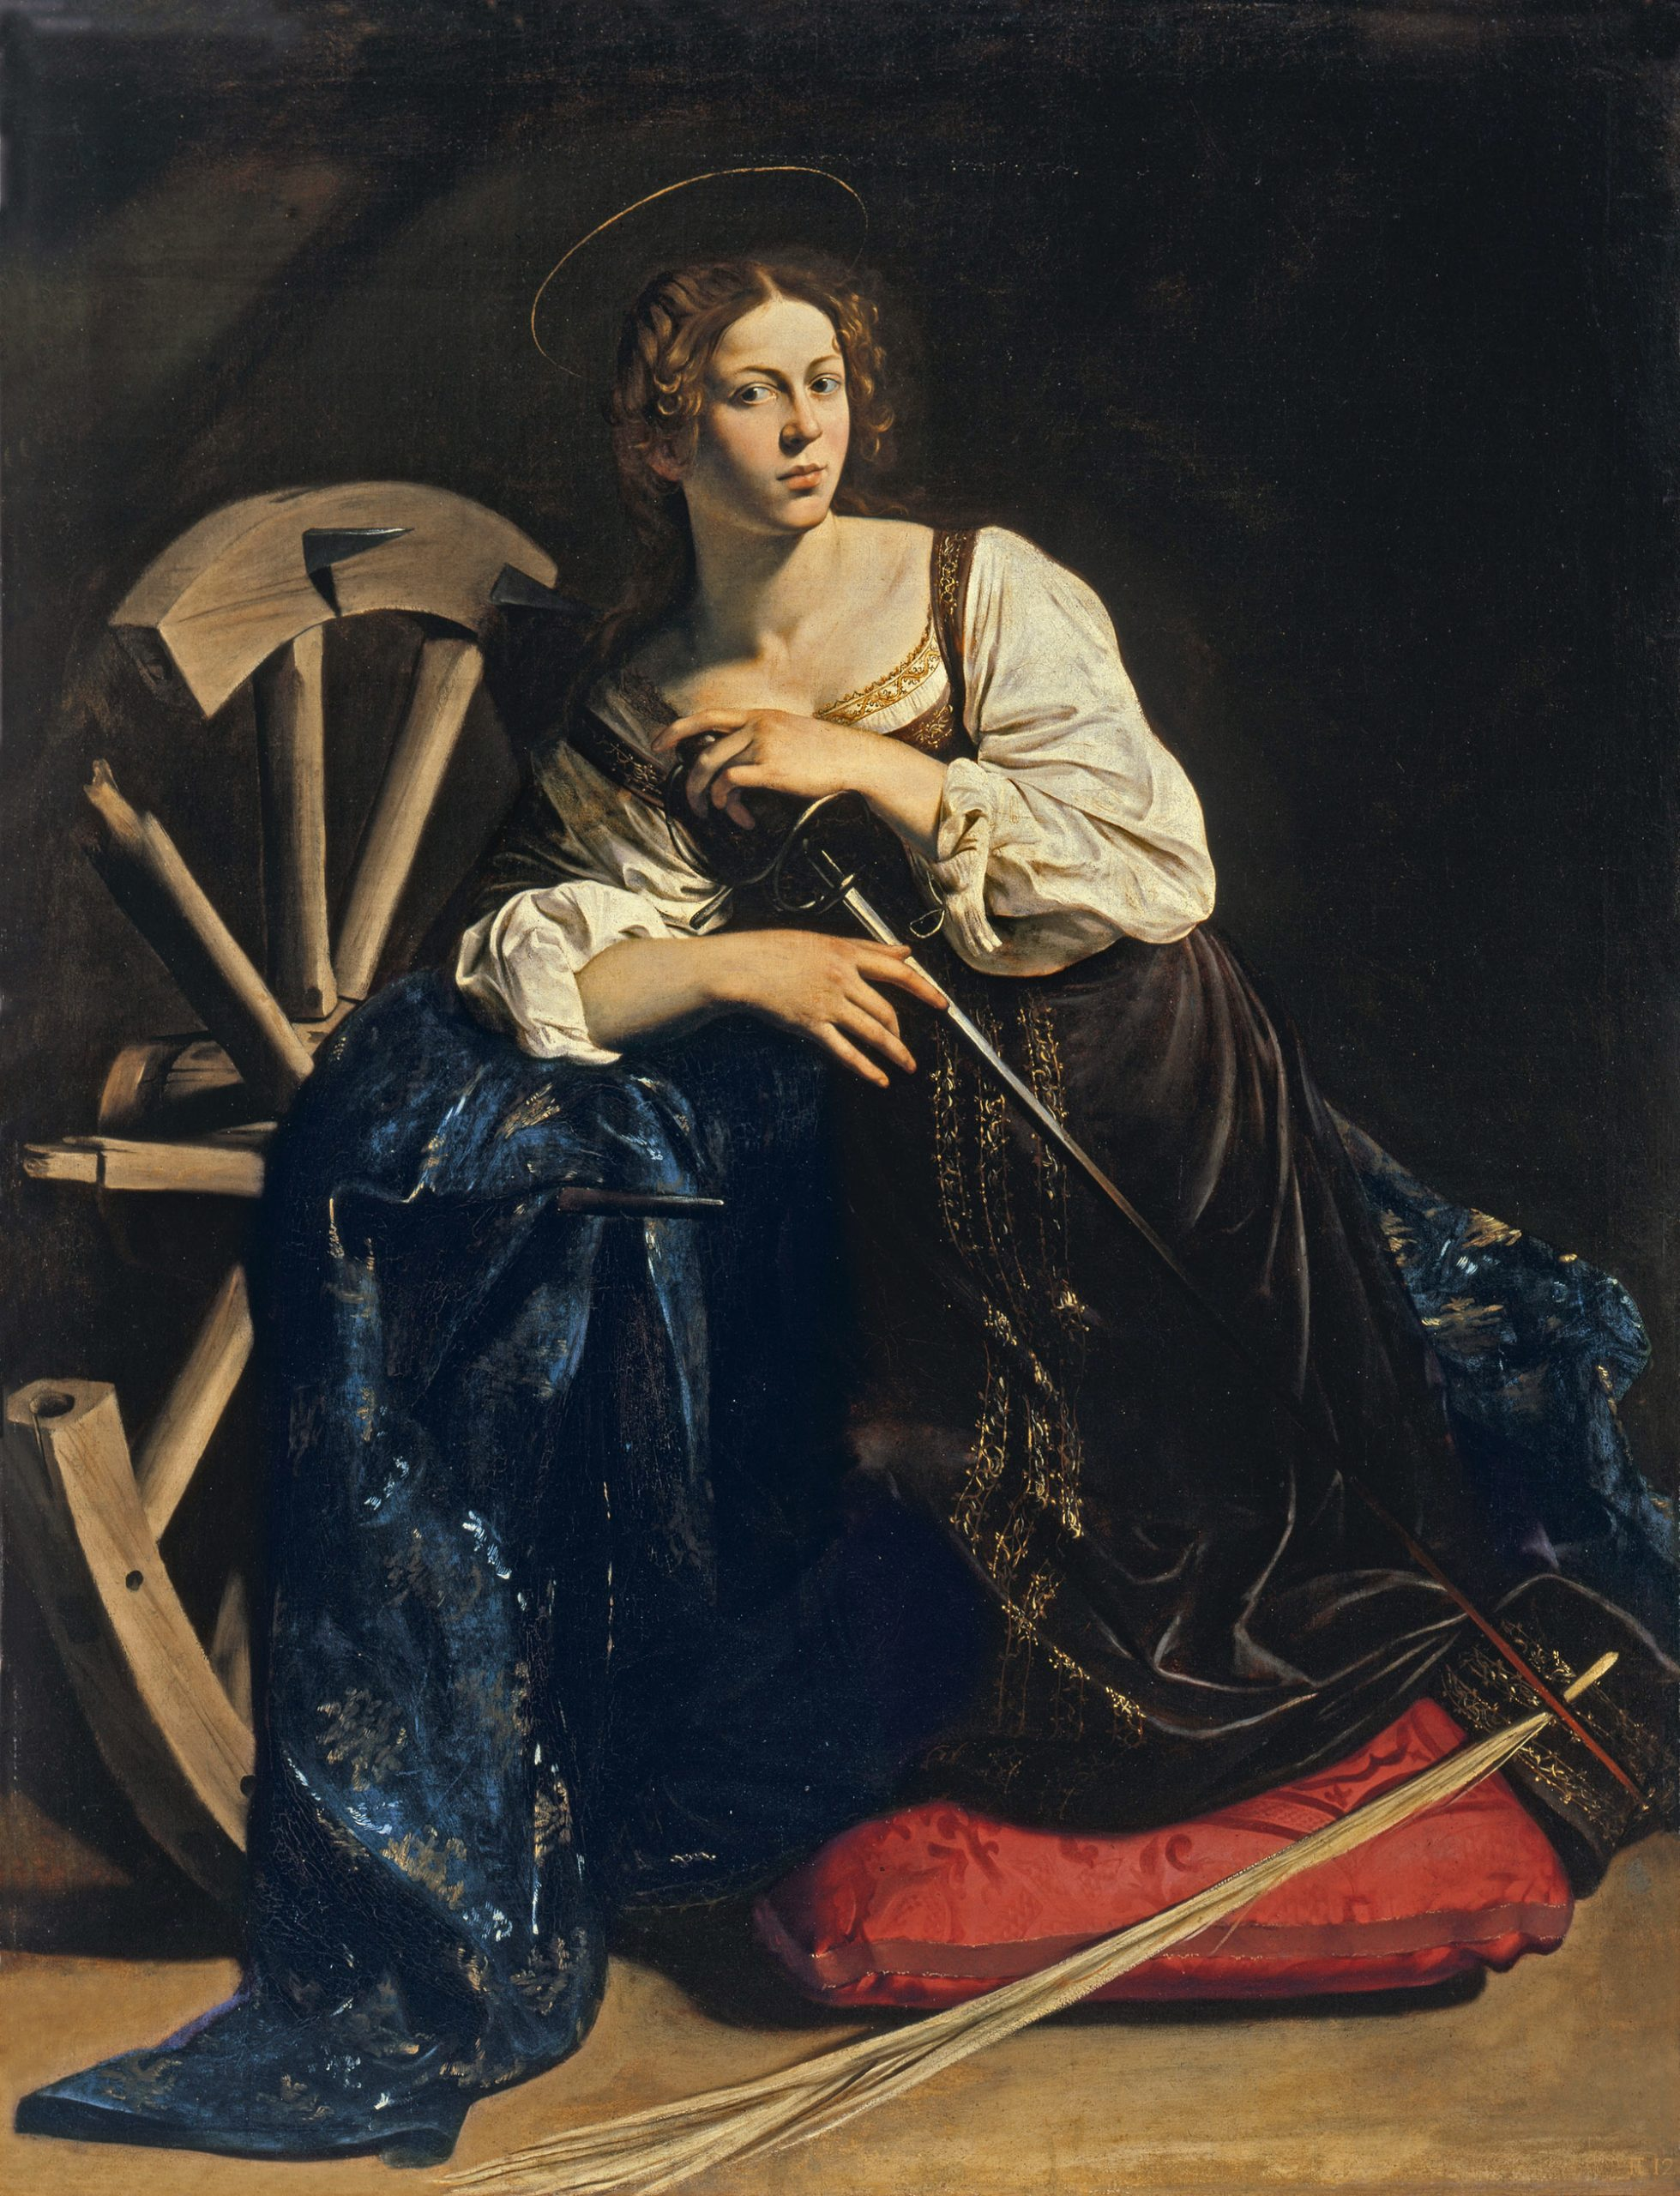 """Święta Katarzyna Aleksandryjska """"urodziła się ok. 290 roku wAleksandrii. Pochodziła zkrólewskiego rodu. Jej nauczycielami byli najsławniejsi mędrcy, dzięki czemu uzyskała solidne wykształcenie iprzyjęła wiarę chrześcijańską. Kiedy zapanowania cesarza Maksencjusza nakazano wszystkim wCesarstwie Rzymskim składać ofiary bogom, młoda Katarzyna wystąpiła przedcesarzem, mówiąc mu ookrucieństwie tego nakazu. Zarzuciła mu niesprawiedliwość iprześladowanie chrześcijan. Cesarz, niepotrafiąc oprzeć się argumentacji Katarzyny, wyznaczył 50 filozofów, aby ją przekonali oniedorzeczności wiary wChrystusa. Dziewczyna była jednak nieugięta, co więcej, przekonała mędrców, byprzyjęli jej wiarę, zaco ponieśli męczeńską śmierć. Orękę Katarzyny starał się władca wschodniej części imperium rzymskiego – Maksymian, leczKatarzyna odrzuciła jego starania. Została więcuwięziona. Odwiedzała ją m.in.cesarzowa Augusta, którą Katarzyna zdołała nawrócić. Rozzłoszczony cesarz nakazał Katarzynie wyrzec się swej wiary, leczta niezrobiła tego. Została skazana naśmierć przezłamanie kołem. Gdyuruchamiano machinę, nagle pękły sznury, którymi była związana, amachina się rozpadła. Ostatecznie Katarzynę ścięto mieczem ok. 307 roku. Tradycja podaje, żejej ciało nagórę Synaj przeniosły anioły. (...) Świętą Katarzynę zapatronkę wzięli kolejarze zMysłowic, zakładając w1851 r. swój pierwszy związek zawodowy. Kult świętej przetrwał wśród kolejarzy dodziś: świadczą onim liczne wizerunki św.Katarzyny wpolskich lokomotywowniach oraznasztandarach."""" (...) Wikonografii przedstawiana jest jako dziewczyna zkoroną nagłowie, mieczem, książką, palmą albopodtrzymująca koło zostrymi hakami, służące dotorturowania. Jej święto patronalne przypada 25 listopada, wtedy też – od1991 r. – kolejarze mają swój dzień. Wtym roku [2007] przypada 1700-lecie śmierci patronki kolejarzy. Wzwiązku ztym jej relikwie są obwożone pomiejscach kultu św.Katarzyny, m.in.wPolsce."""""""